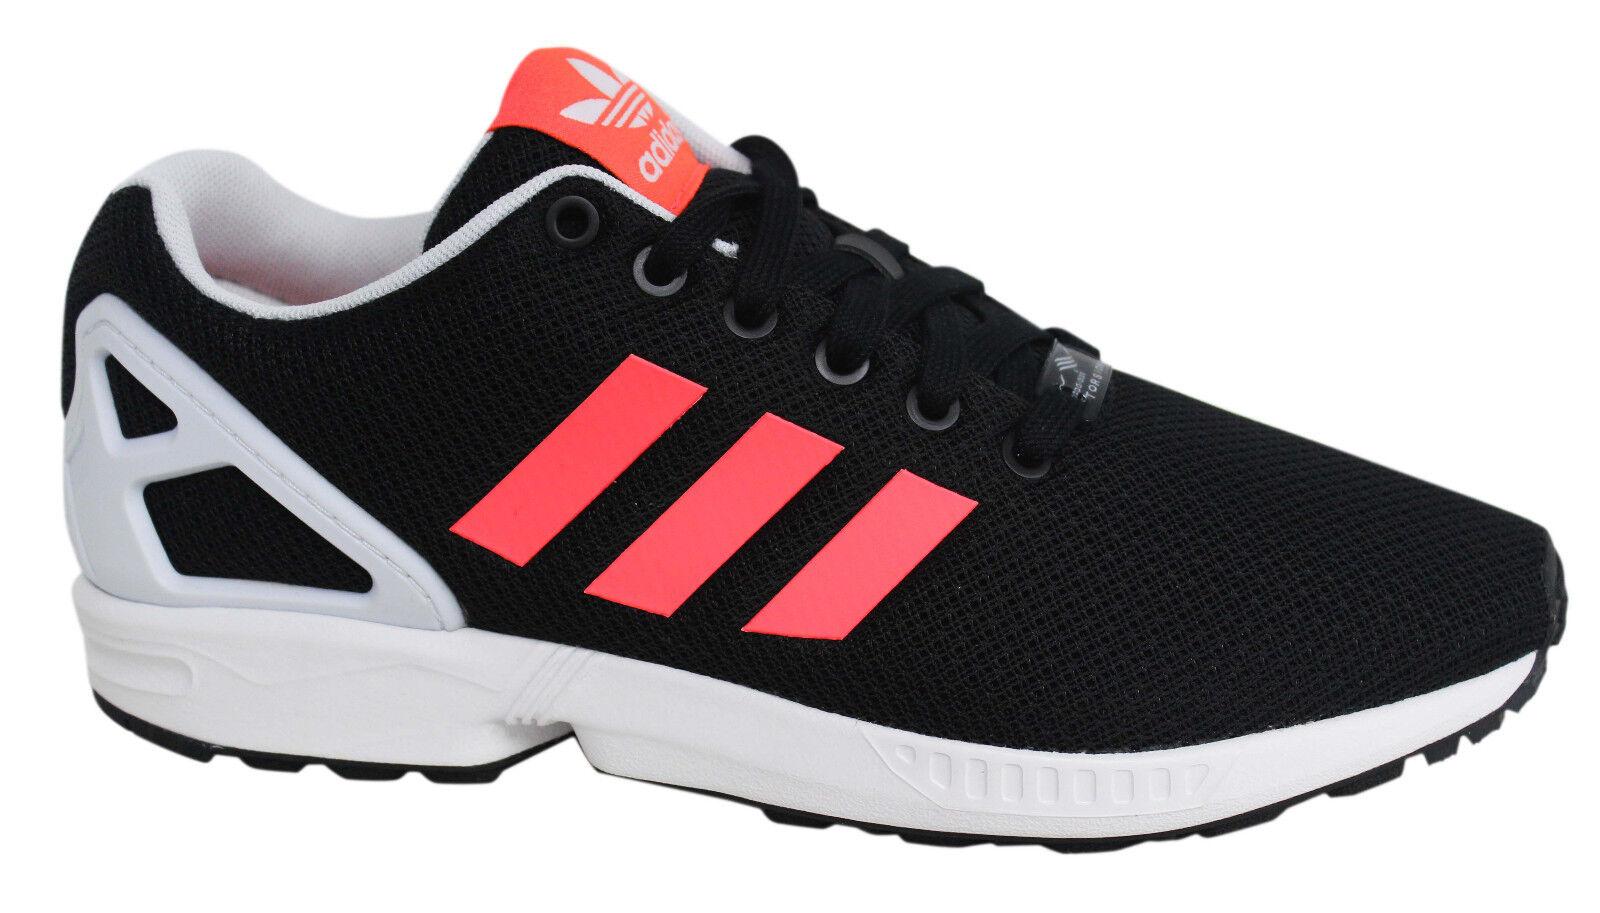 Adidas Flux Originals Zx Flux Adidas Spitze, Schwarz Damen Laufschuhe Turnschuhe B34057 U100 416e04